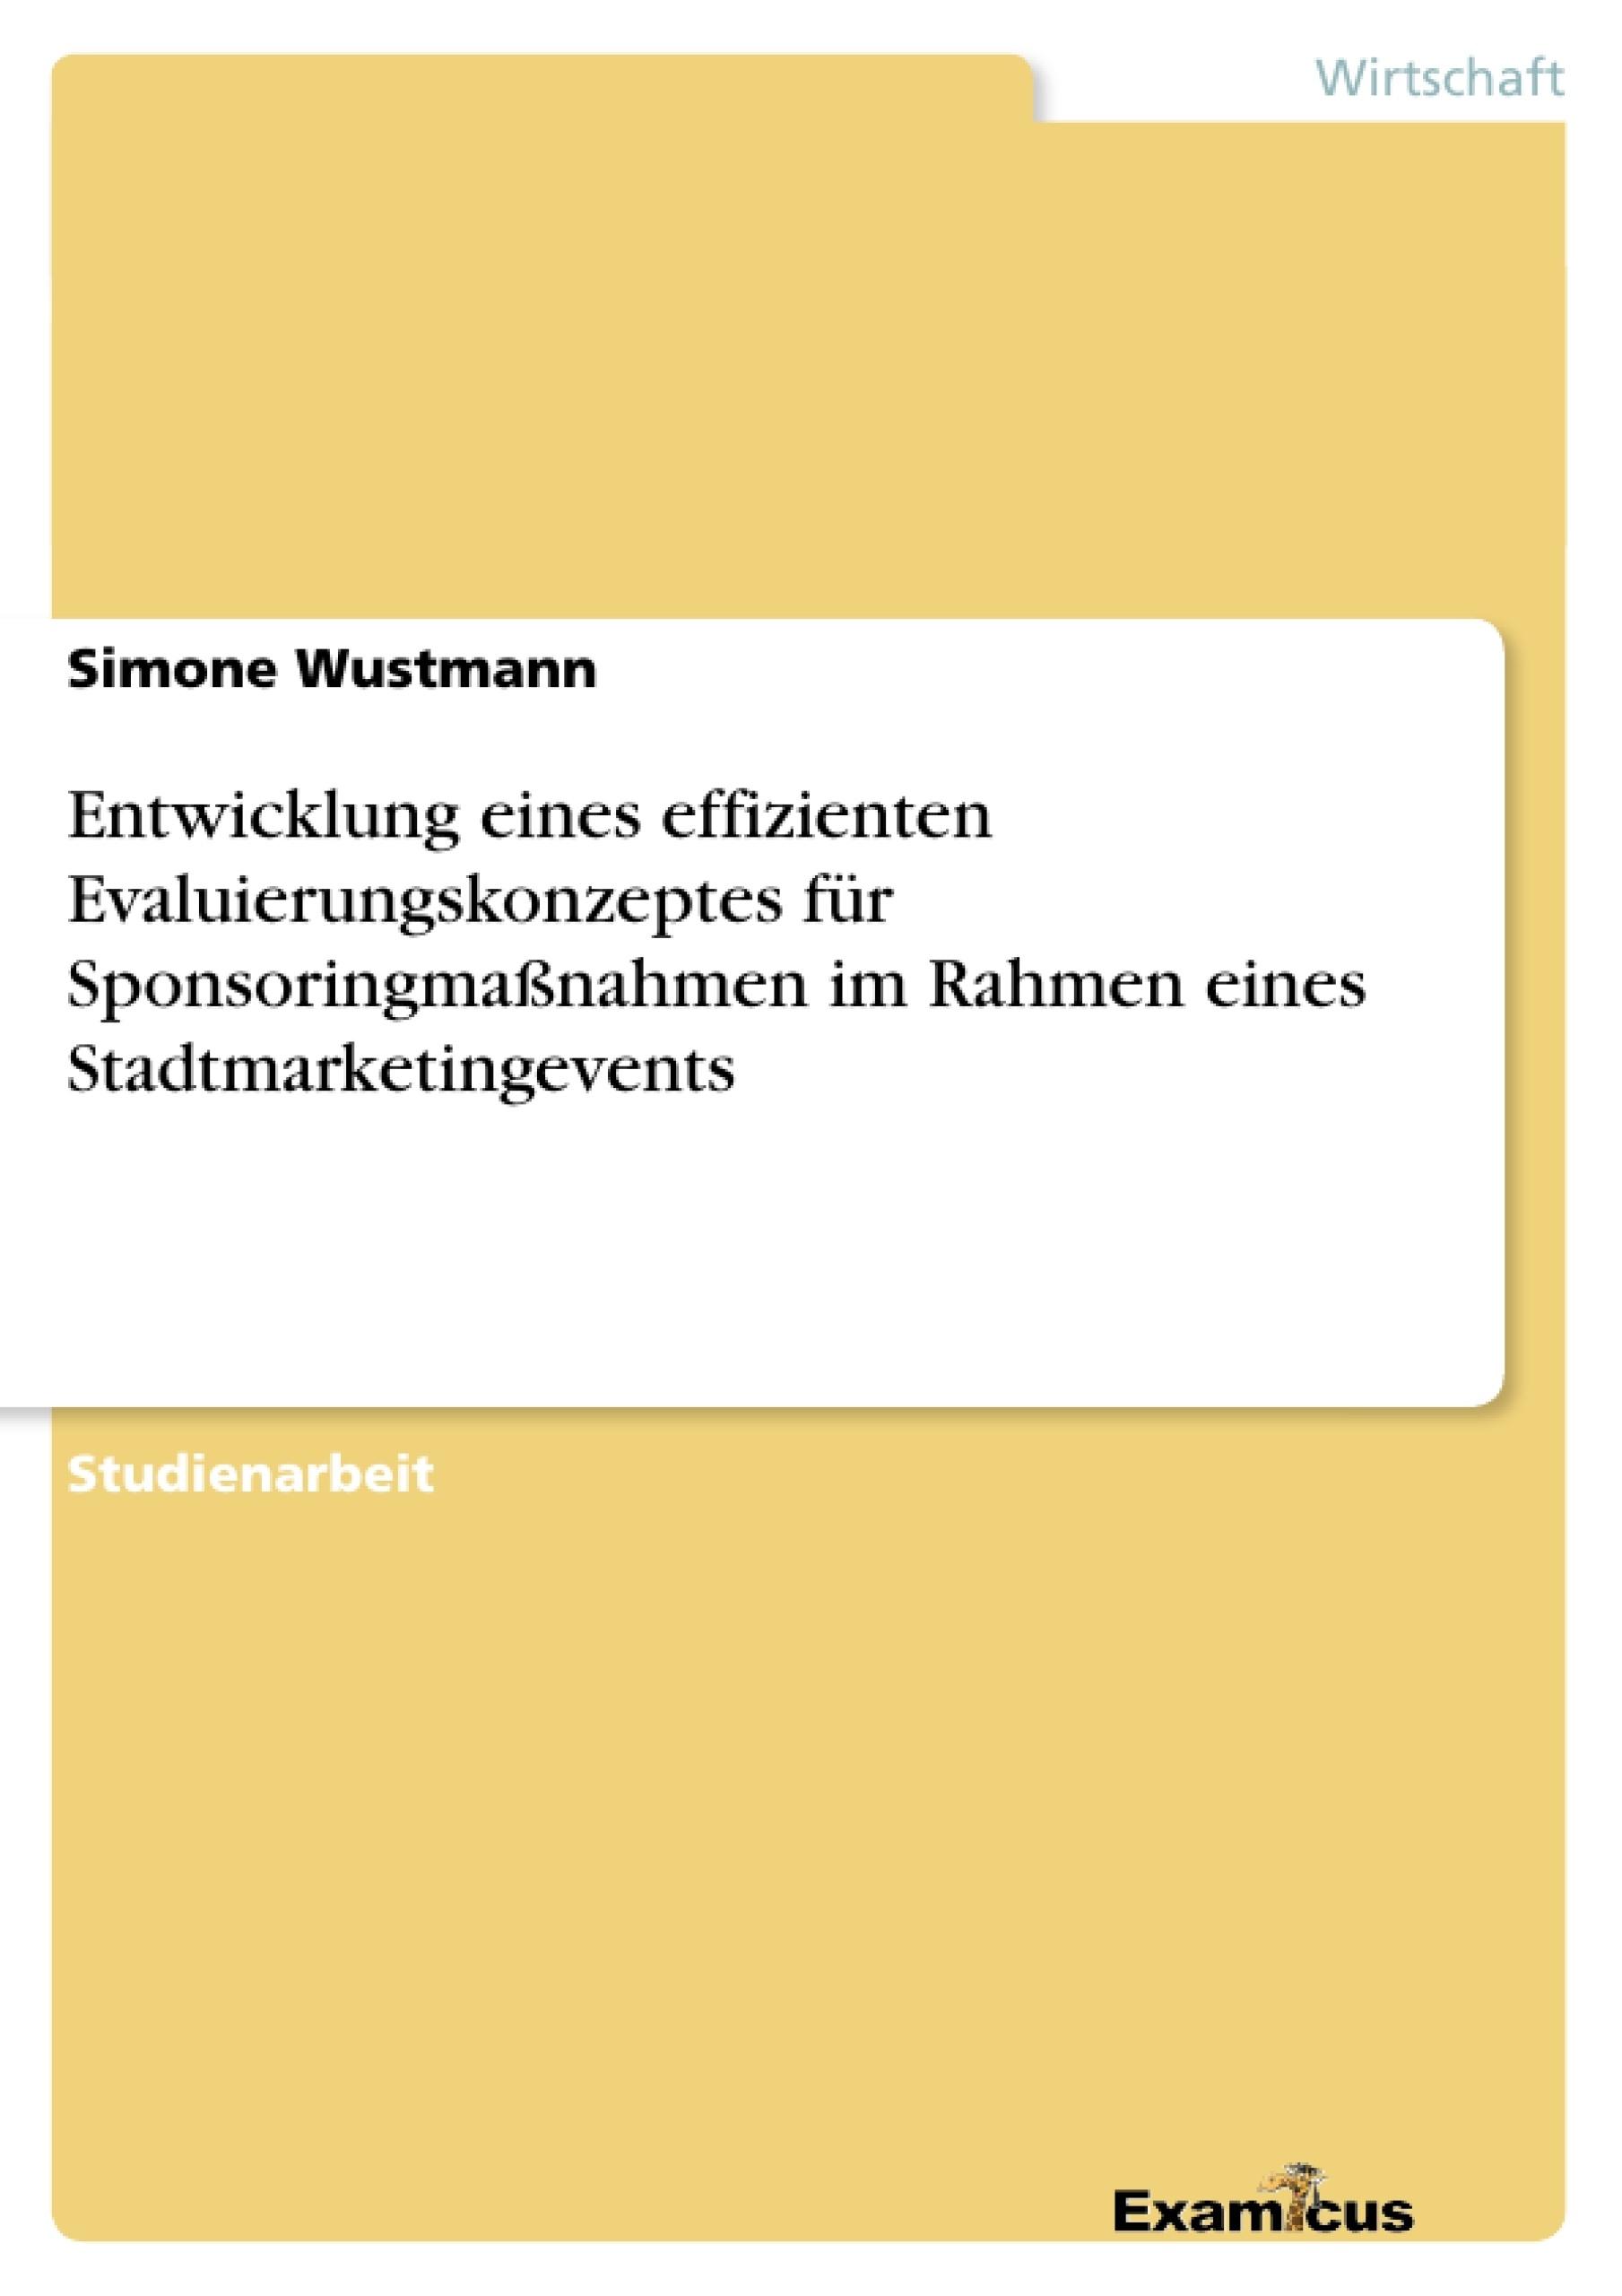 Titel: Entwicklung eines effizienten Evaluierungskonzeptes für Sponsoringmaßnahmen im Rahmen eines Stadtmarketingevents